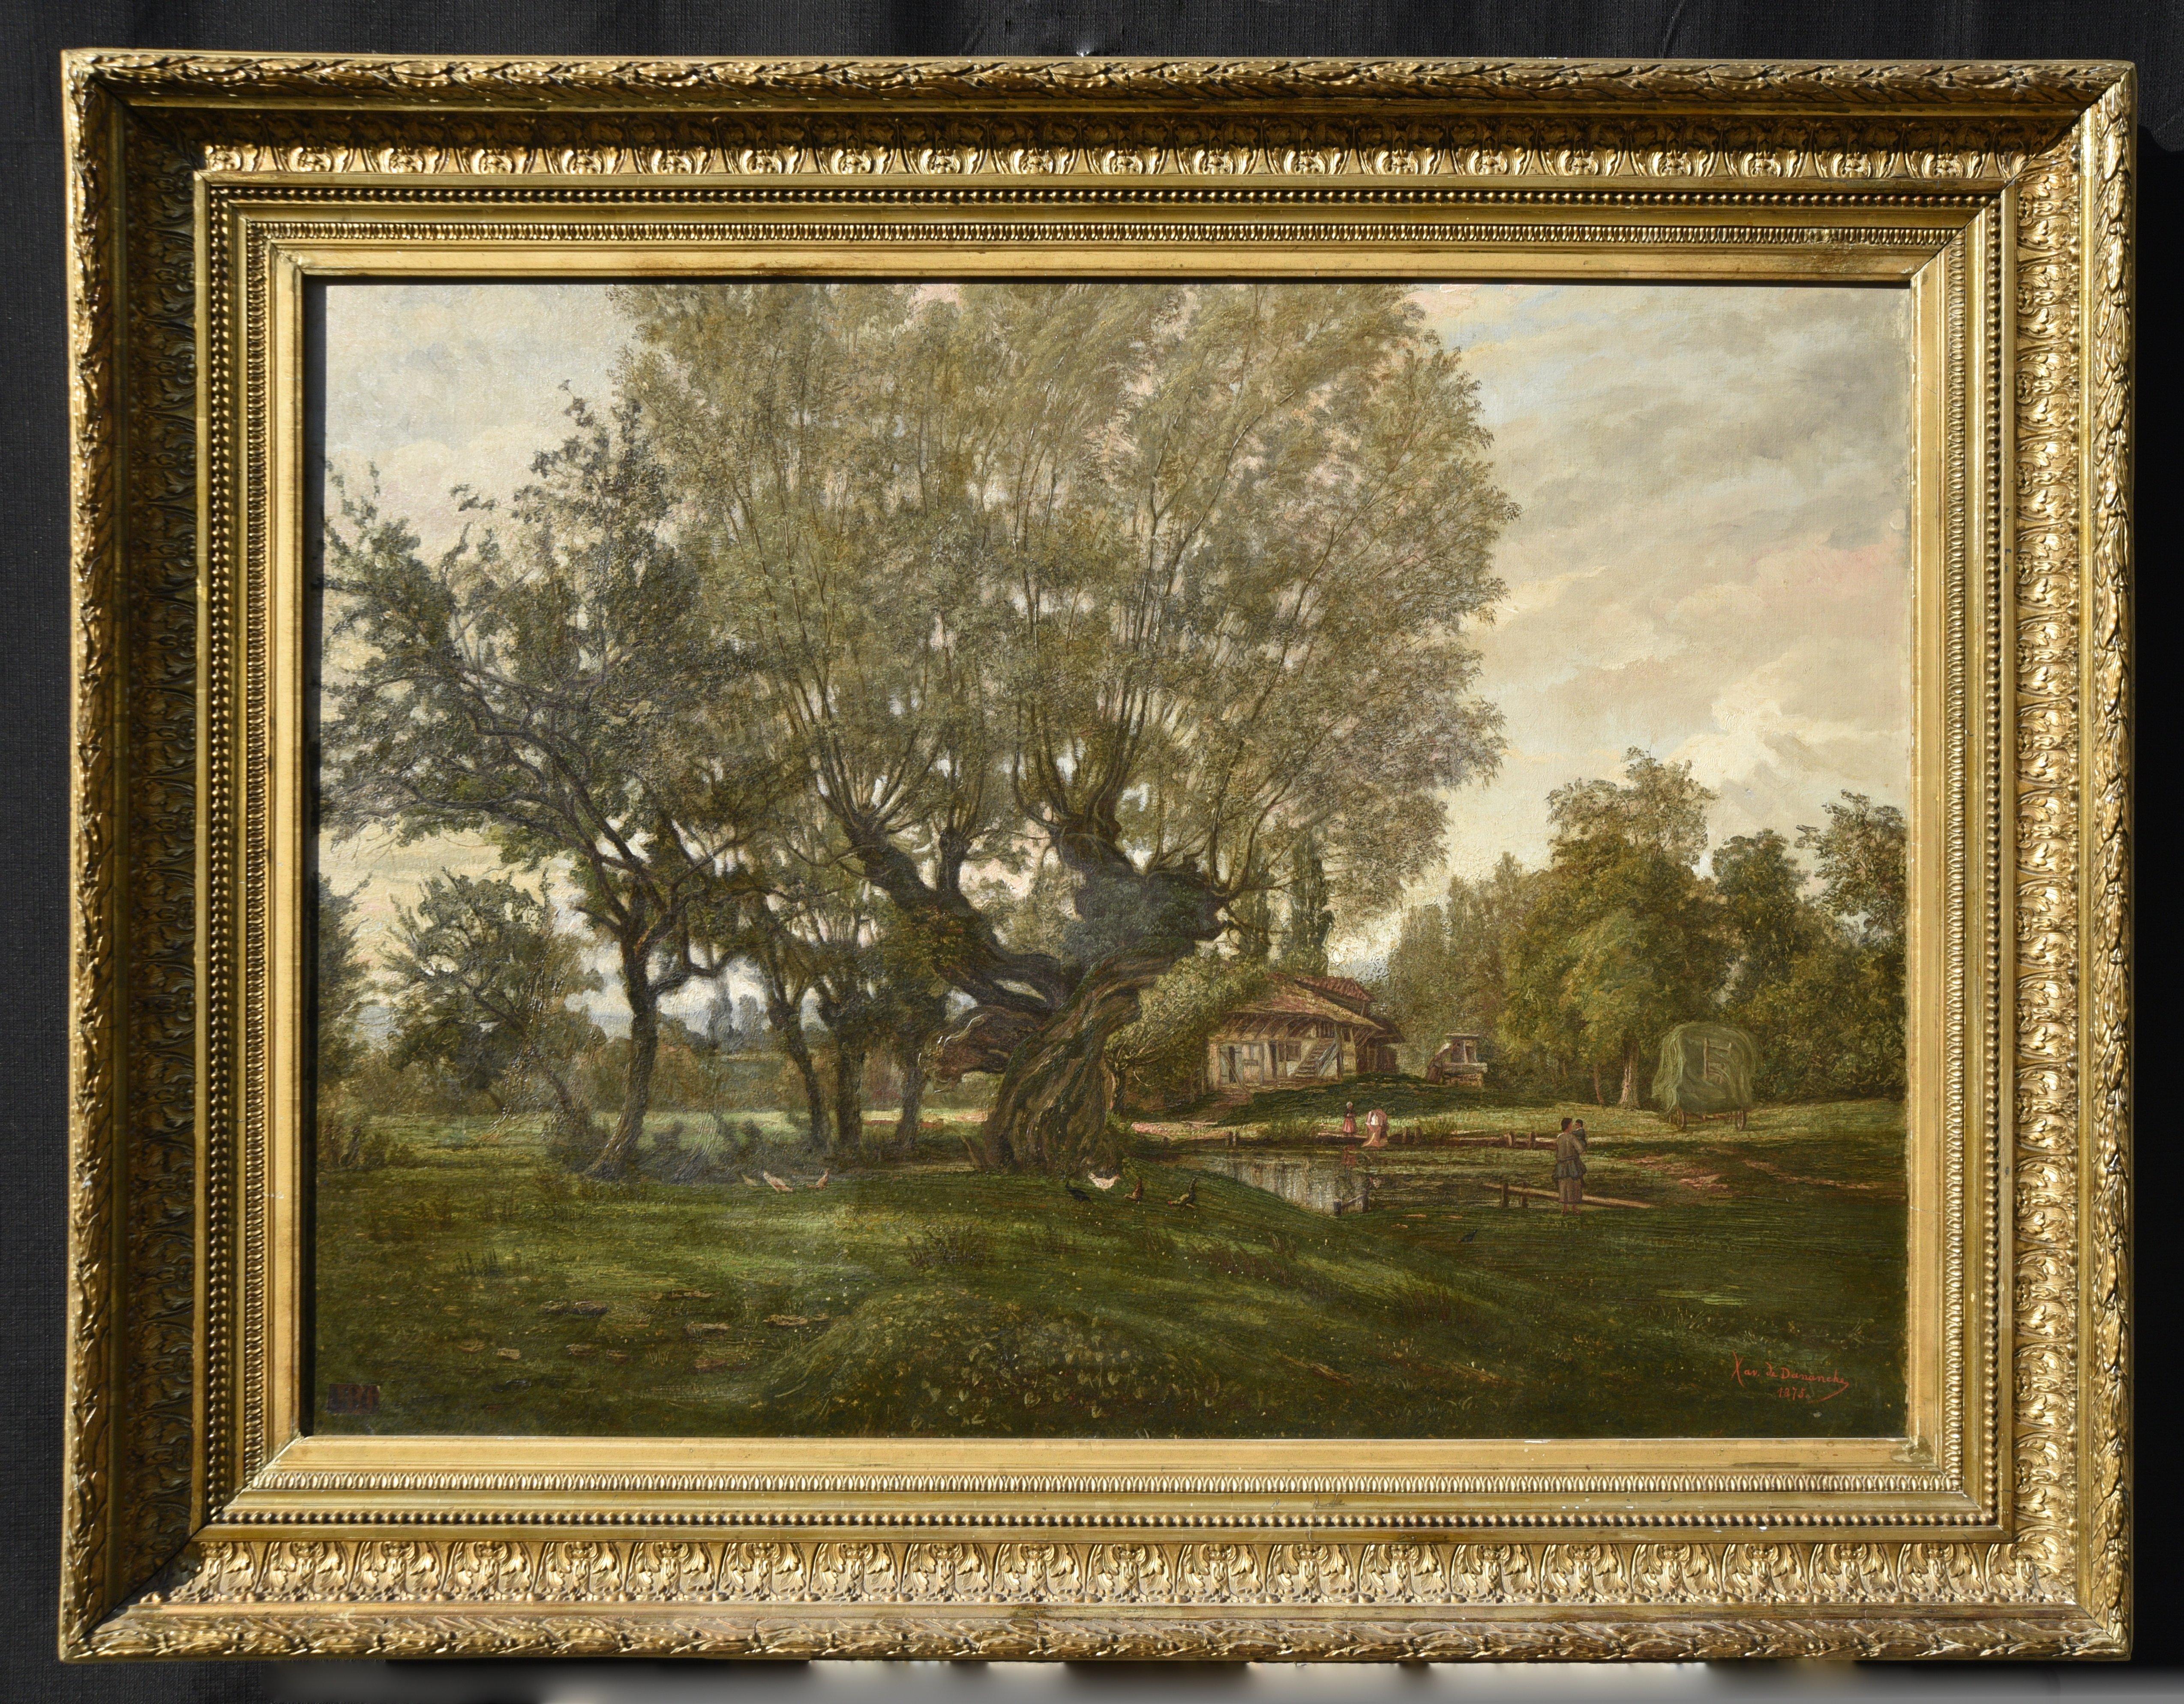 Paesaggio inglese - olio su tela - Contattare per il prezzo